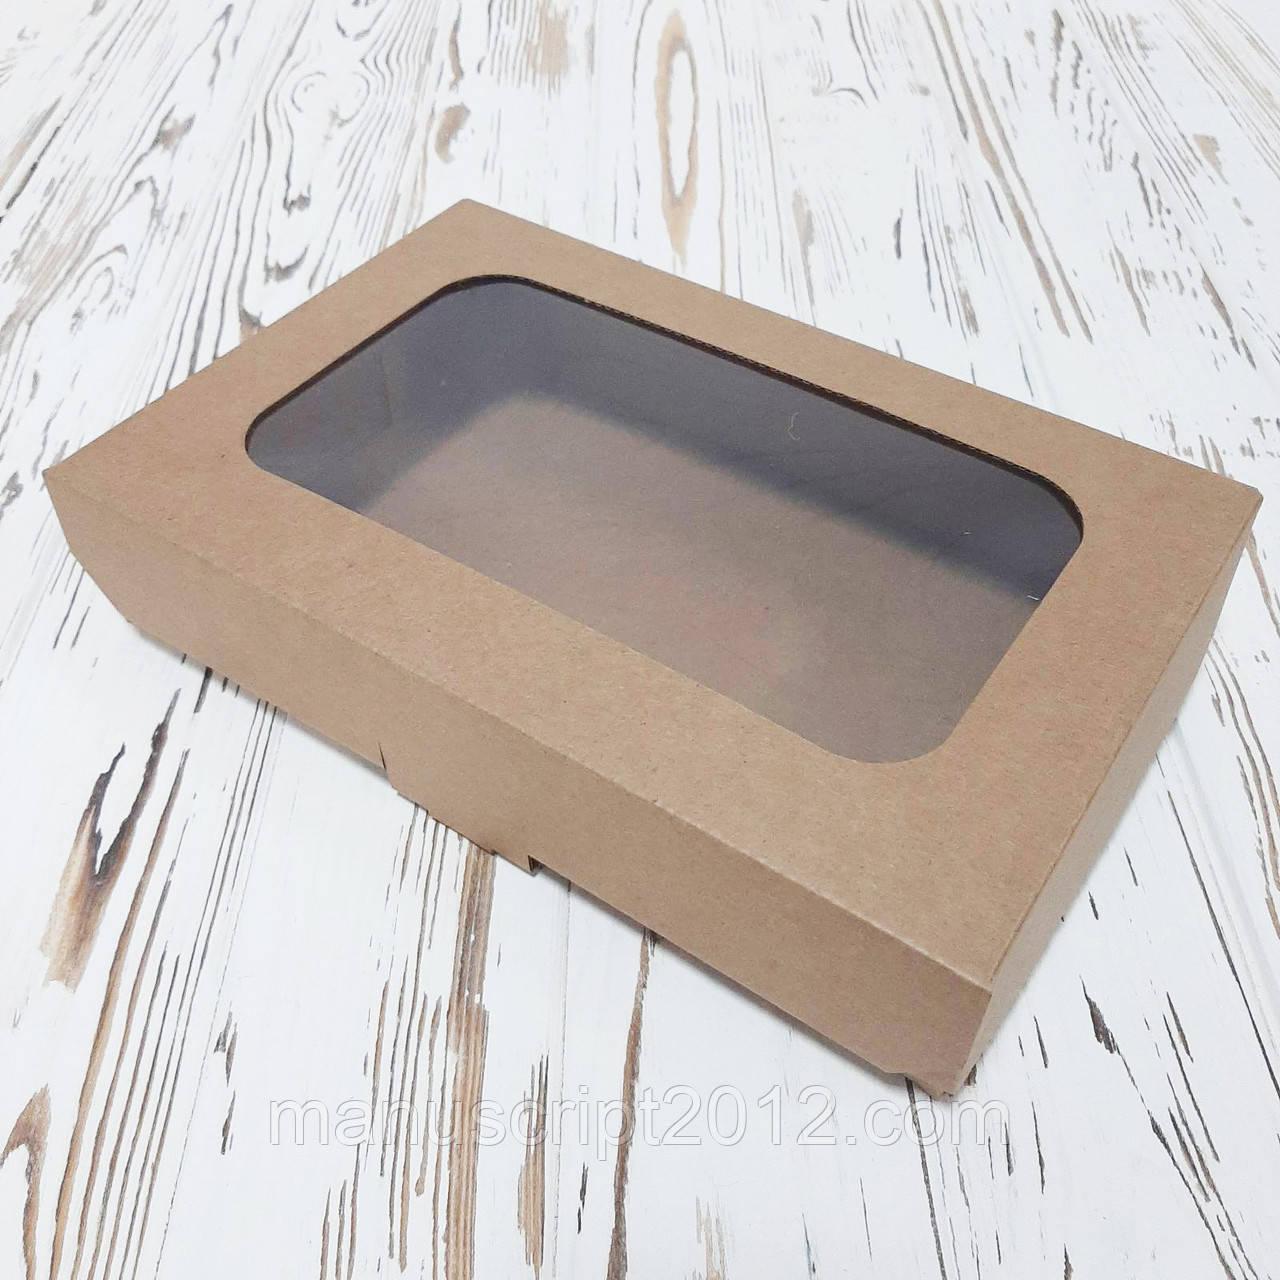 Коробка для пирогов, чизкейков, пирожков  250х165х55 мм. (МГК крафт)